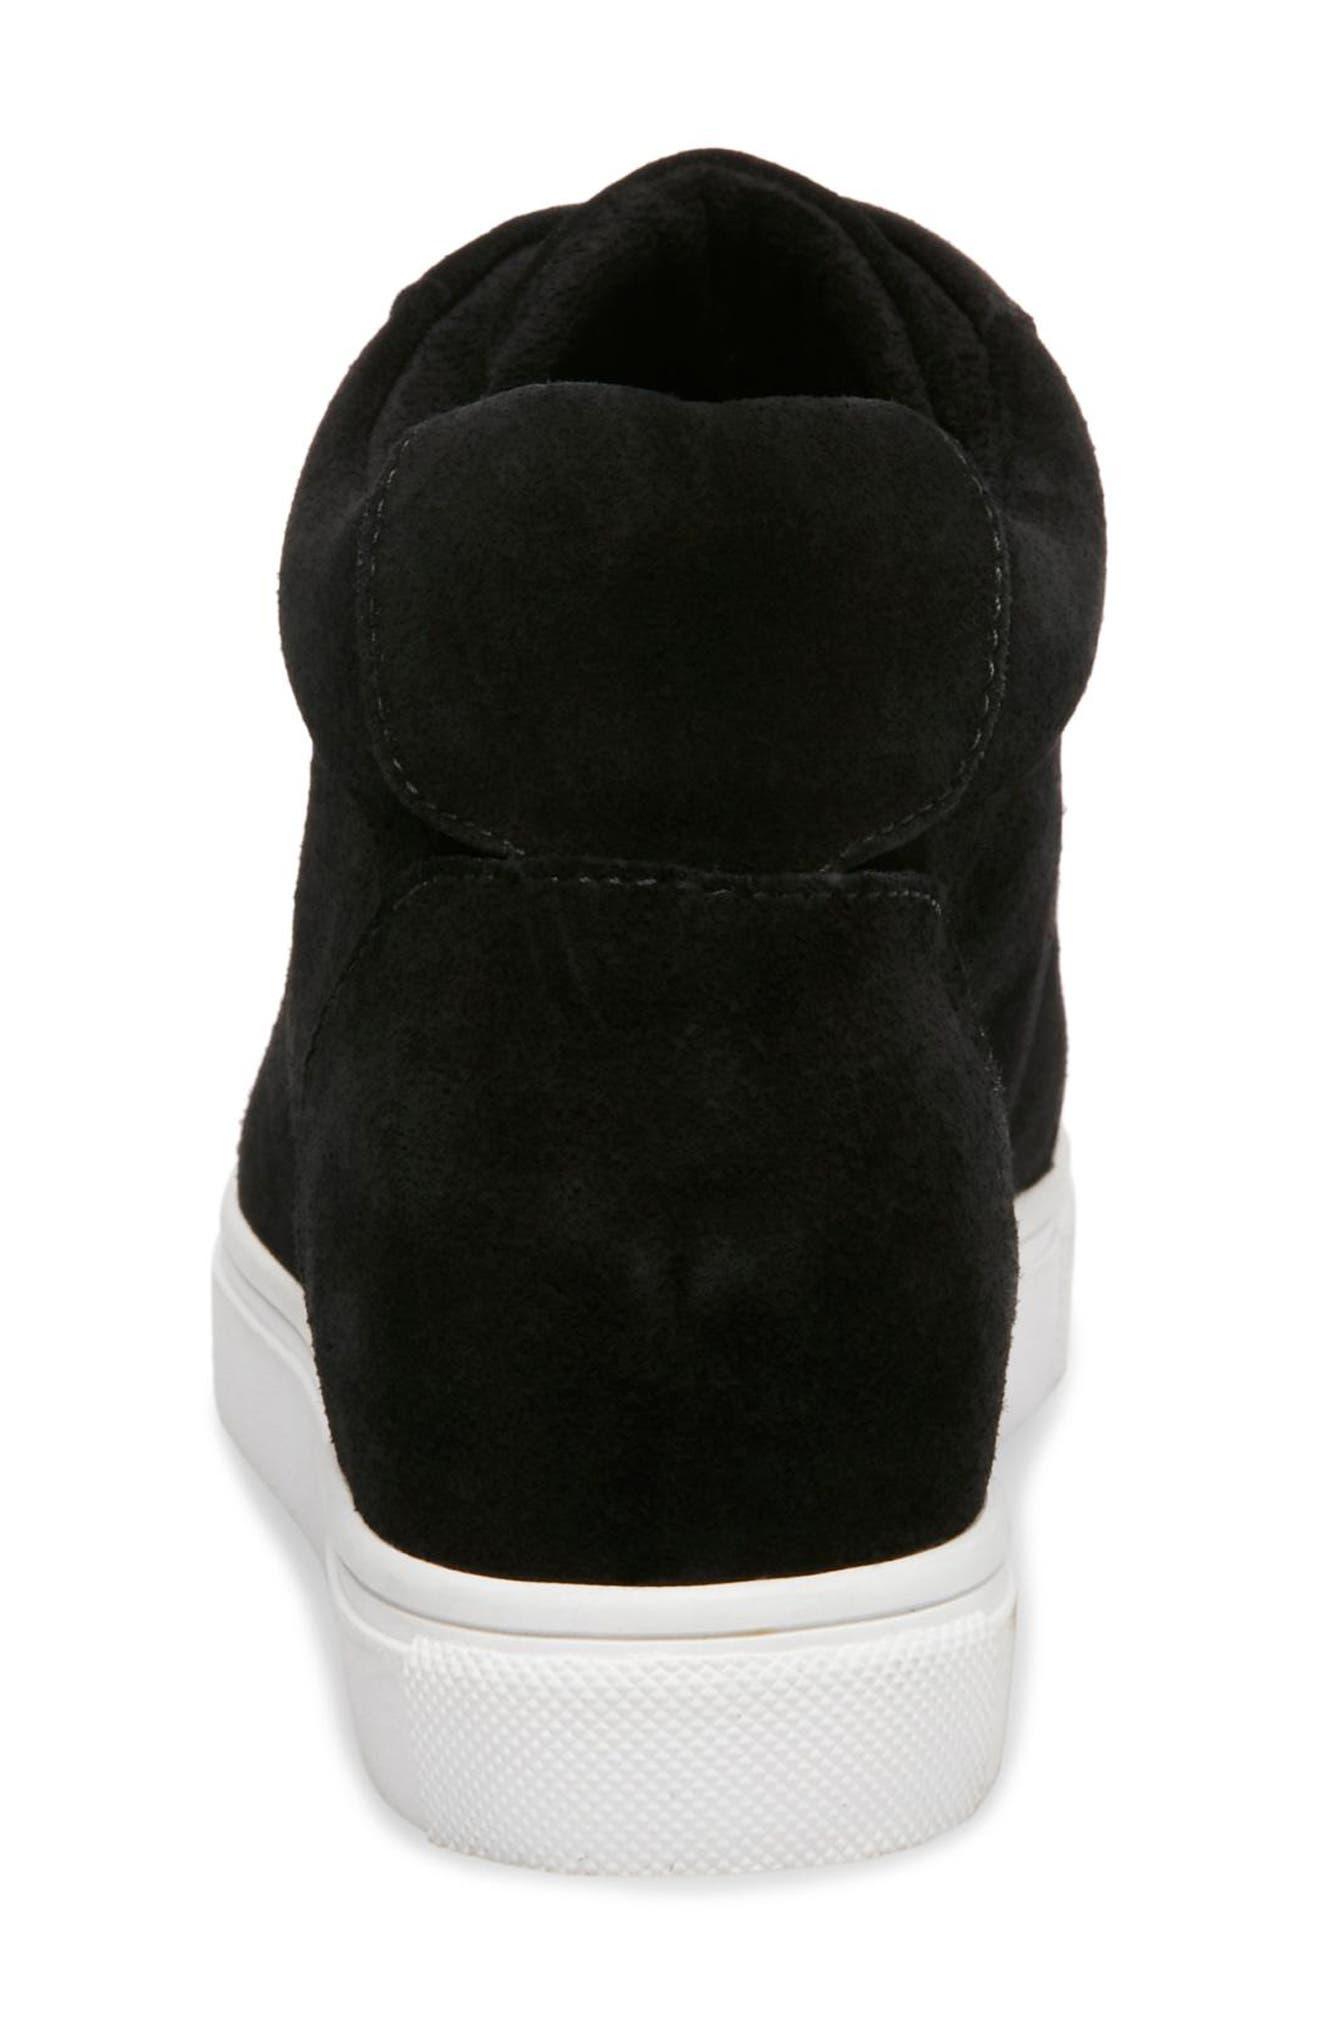 Glenda Waterproof Sneaker Bootie,                             Alternate thumbnail 6, color,                             BLACK SUEDE